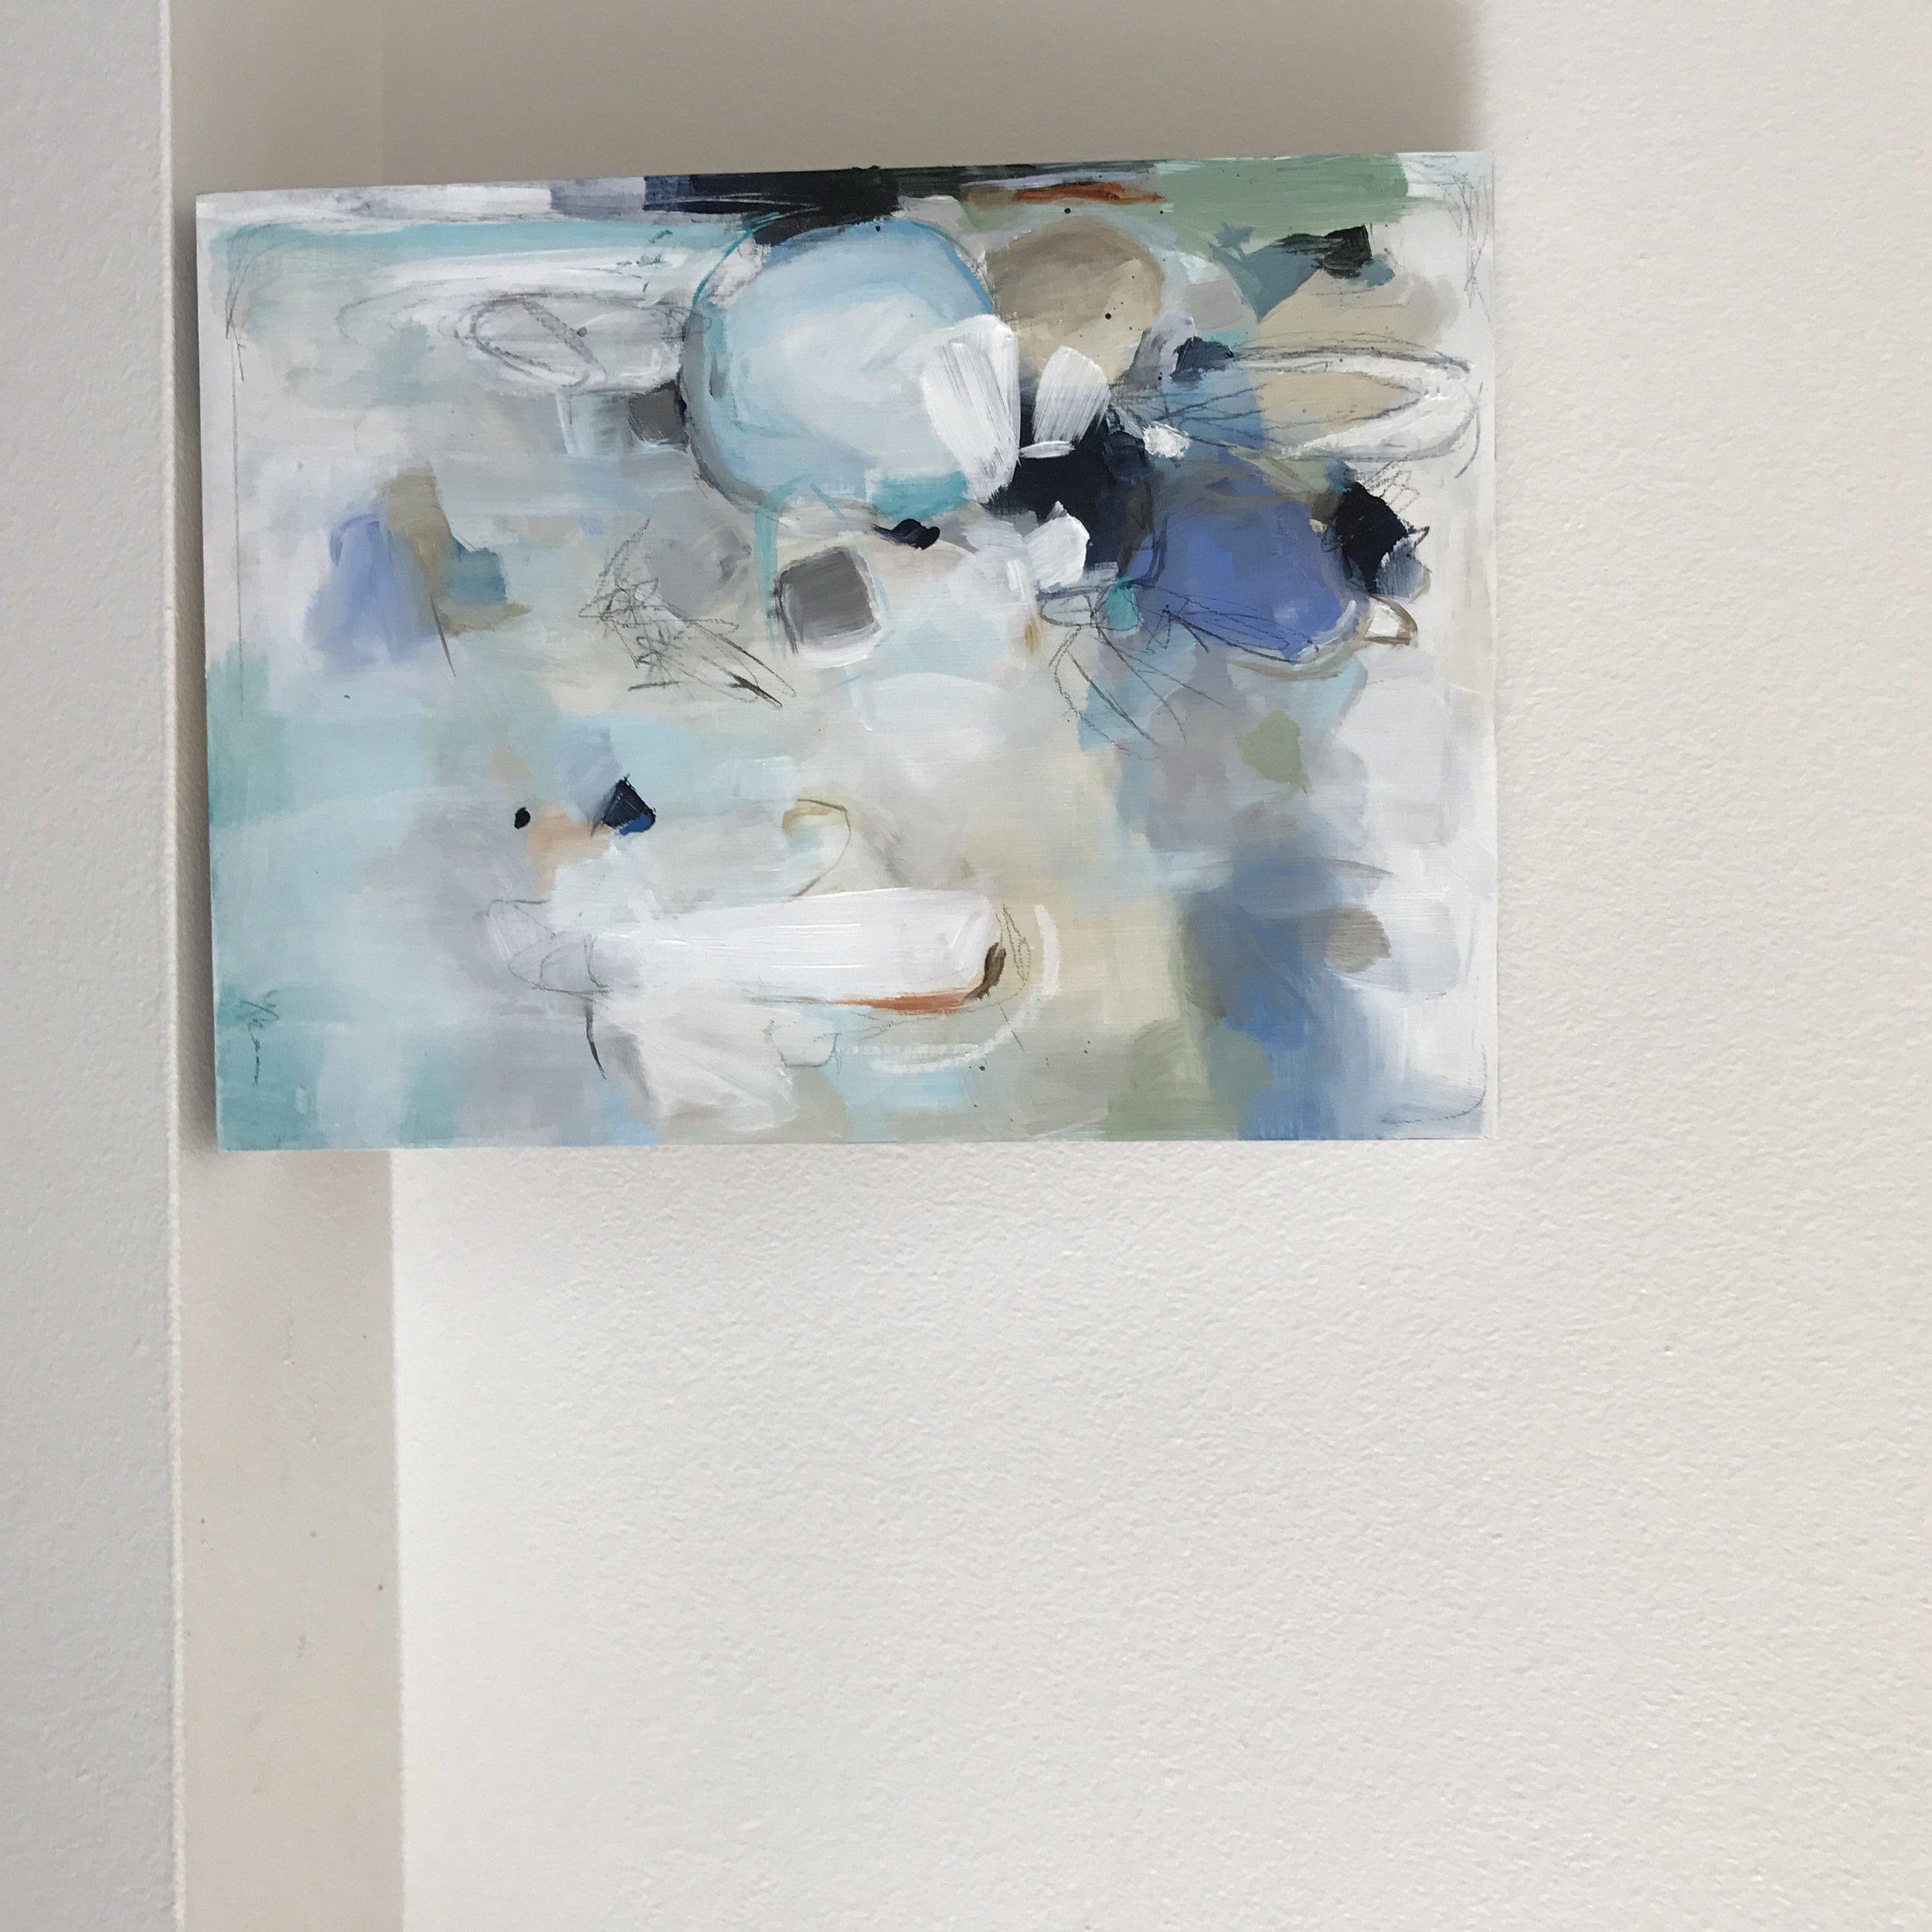 Abstract Art by Lauren Bolshakov